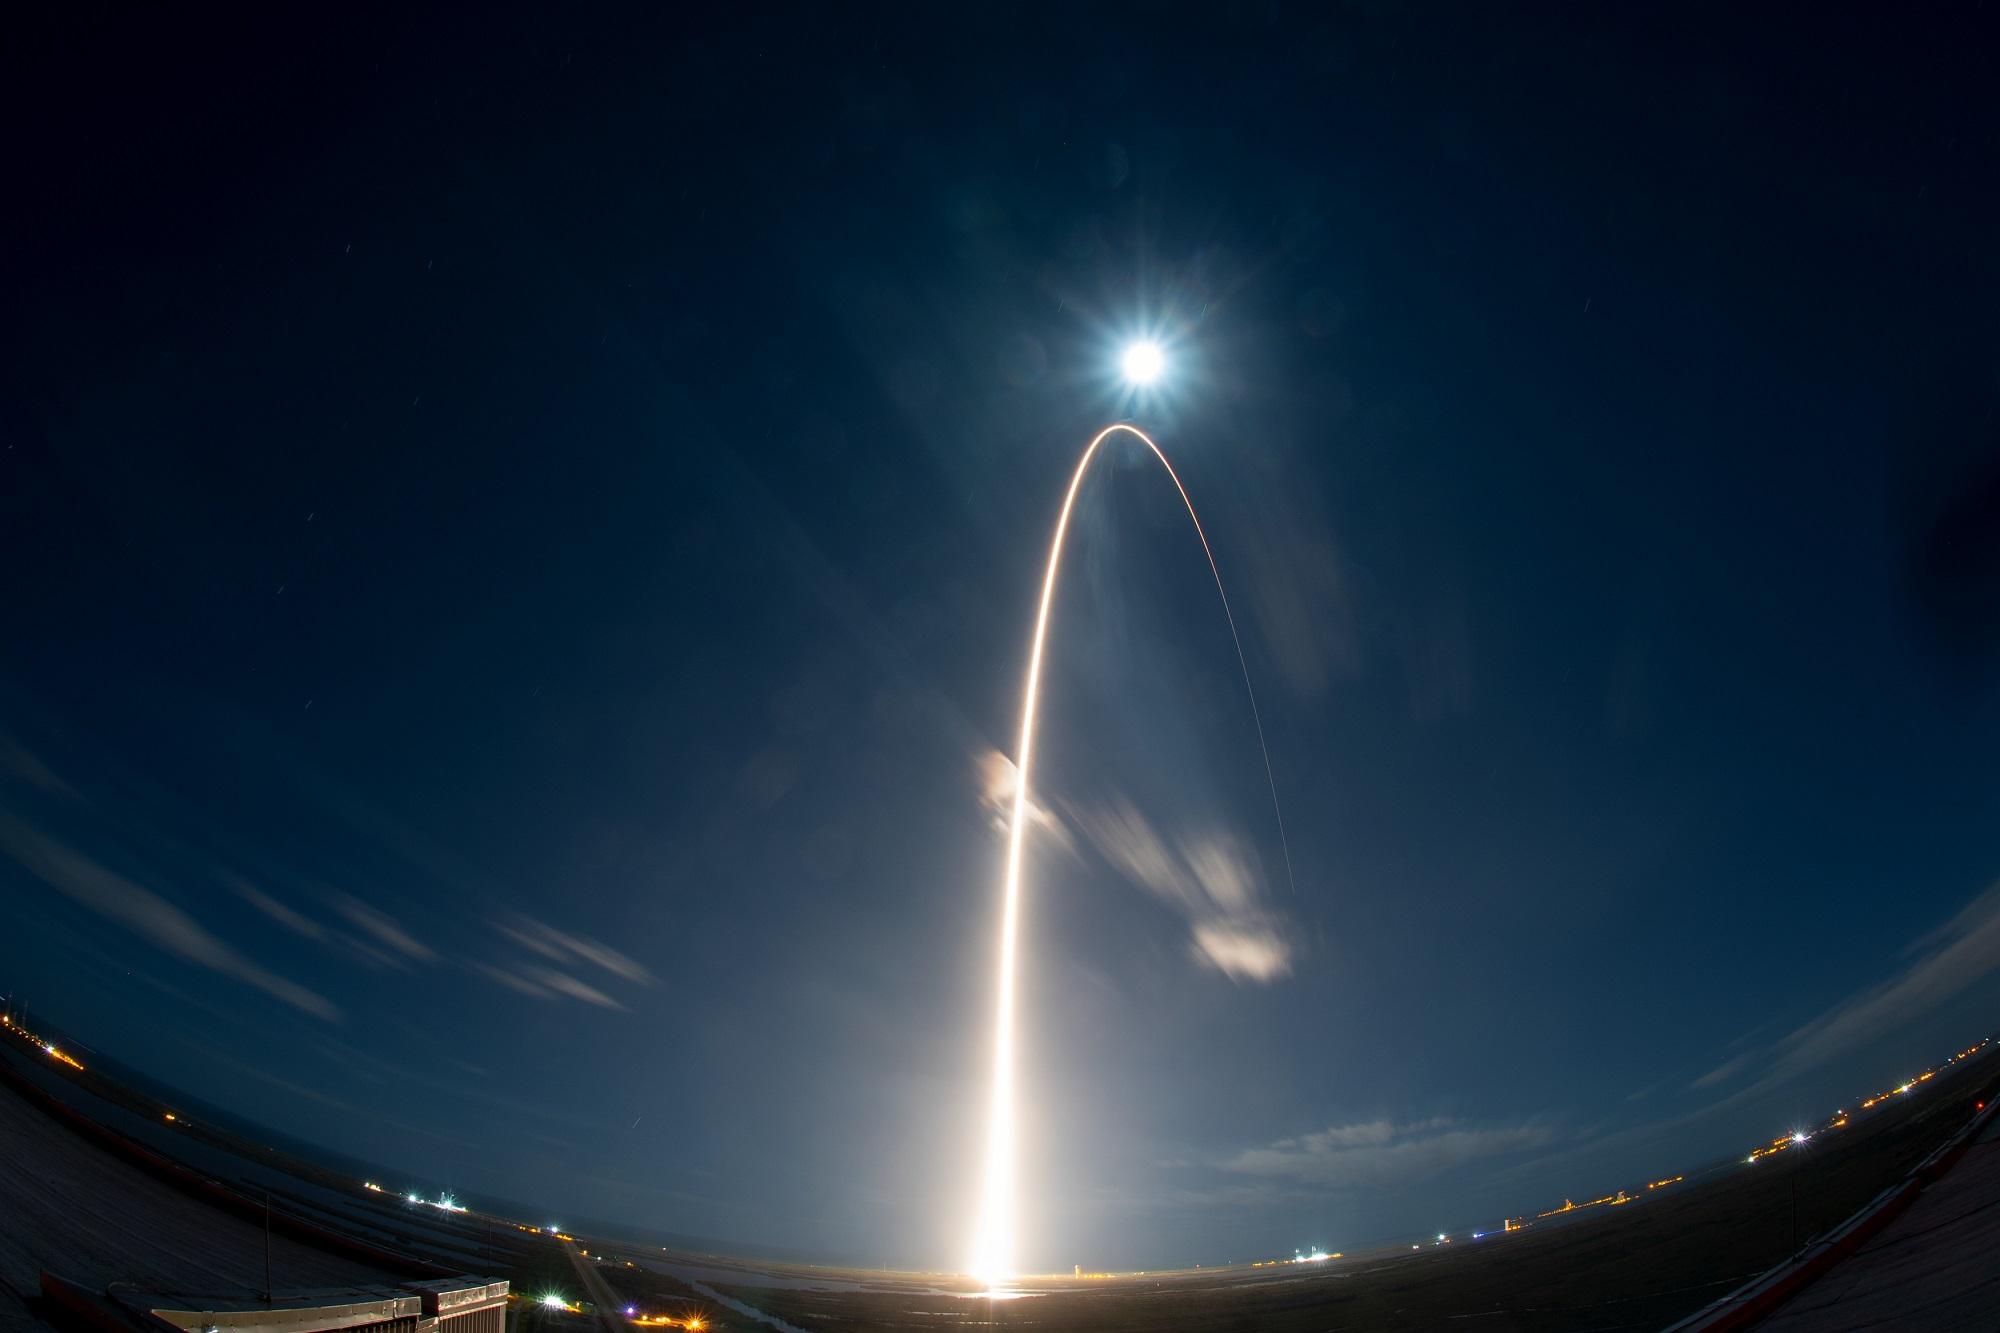 Solar Orbiter ble skutt opp 10. februar 2020 for å forske på sola. Foto: ESA/S. Corvaja